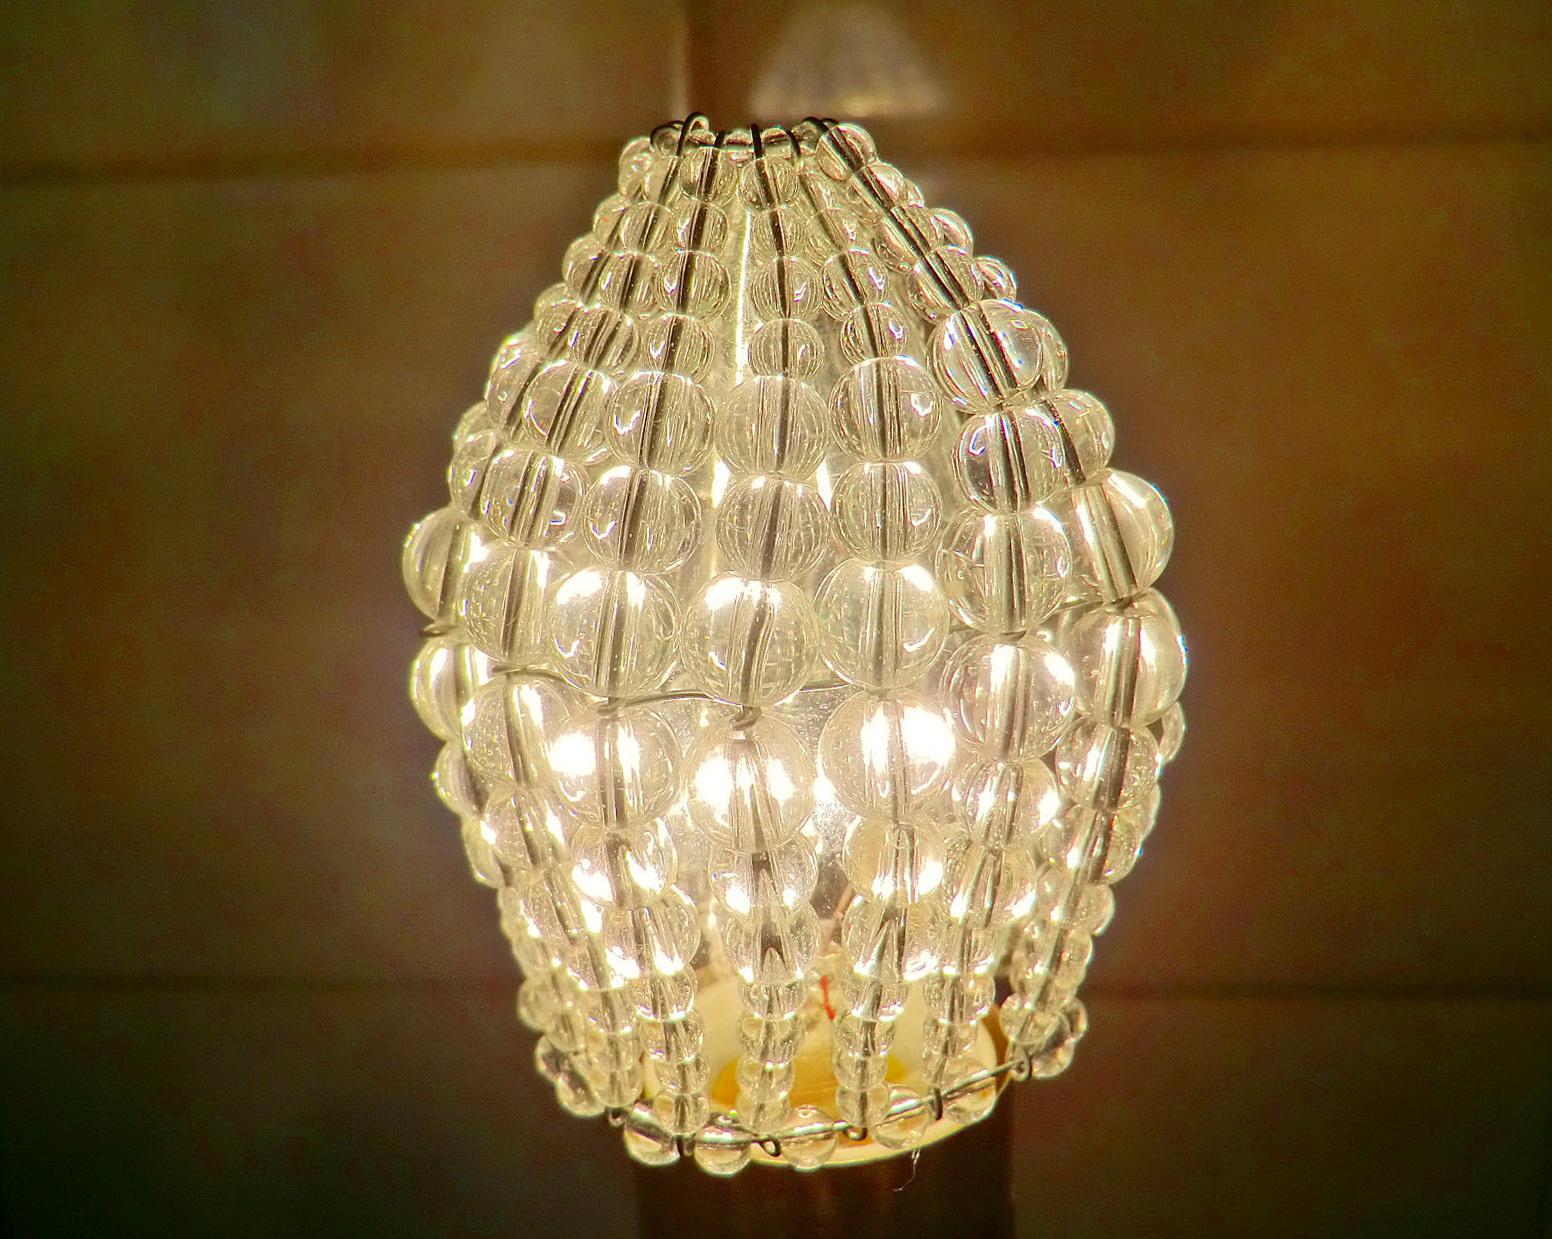 Chandelier Light Bulb Covers